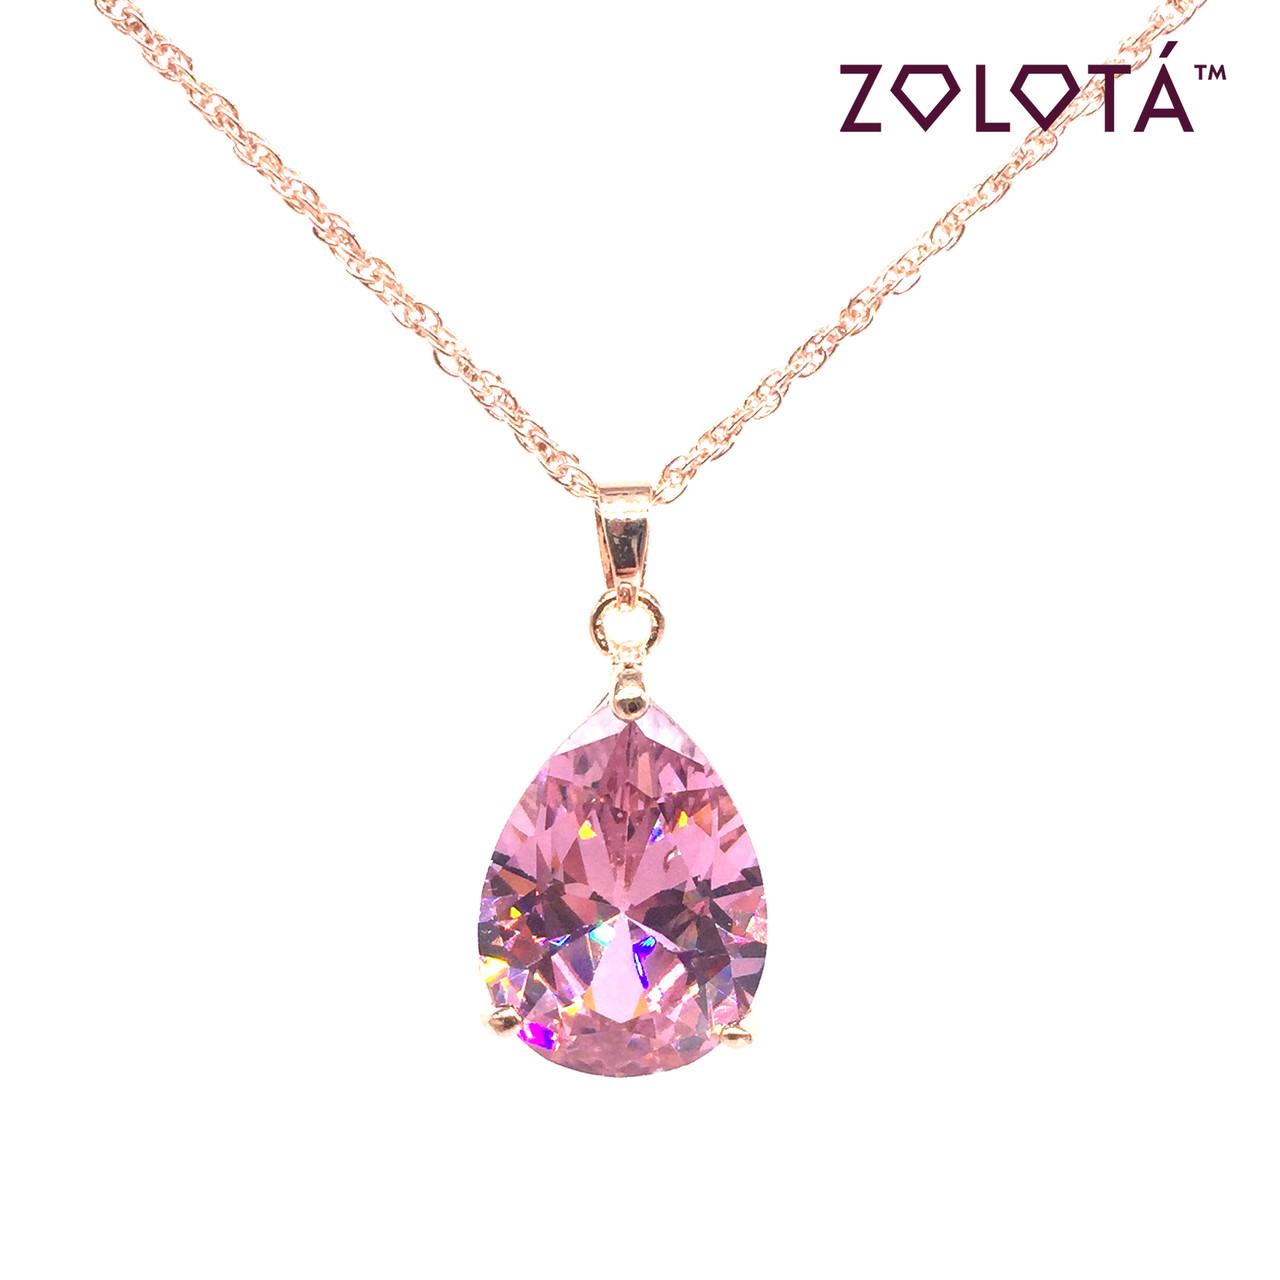 Подвеска на цепочке с нежно-розовым фианитом (куб. цирконием), из медицинского золота, в позолоте, ЗЛ00307 (1)